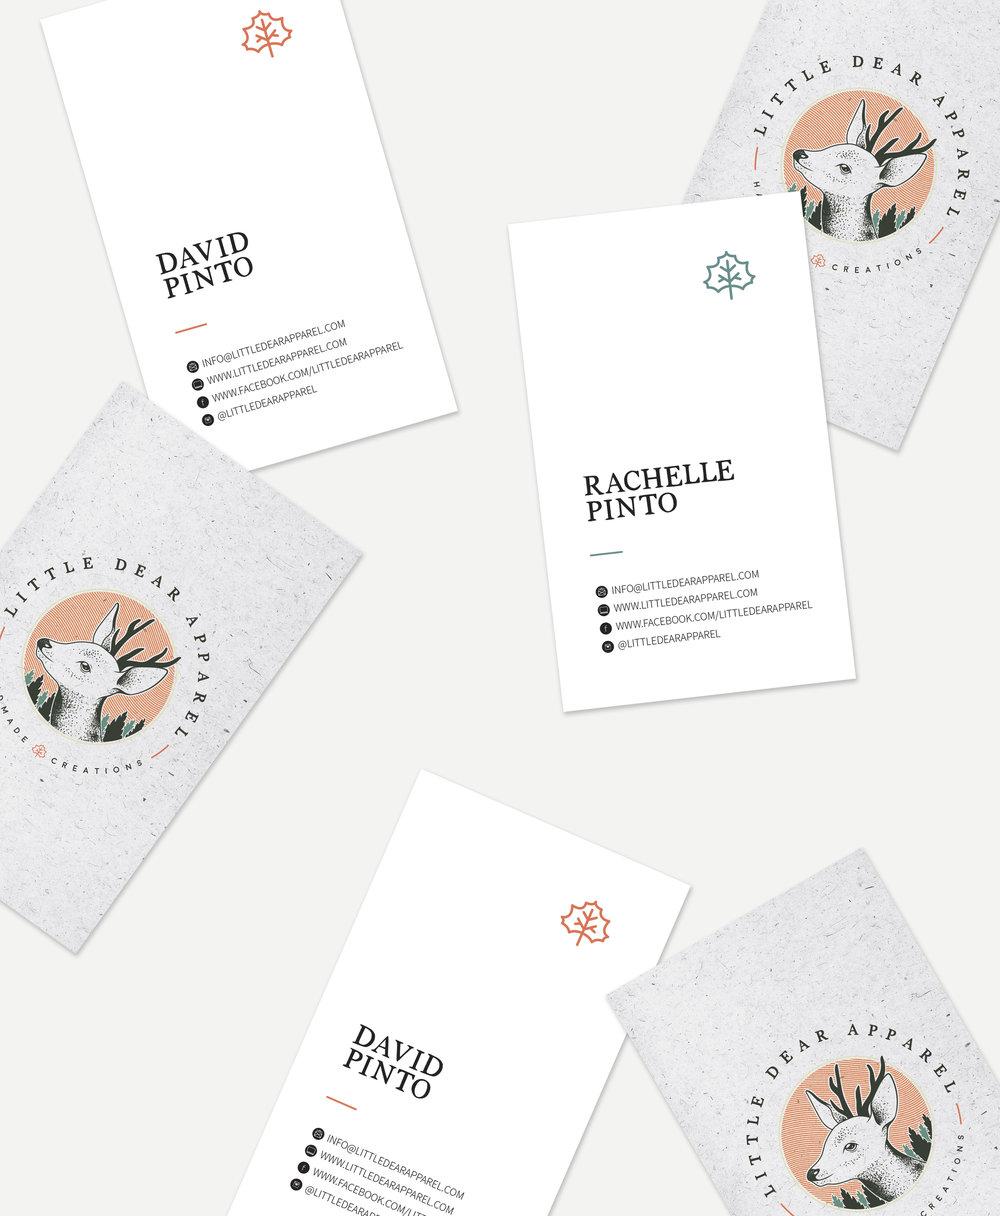 little-dear-apparel-winnipeg-branding-design-business-cards-clover-and-crow